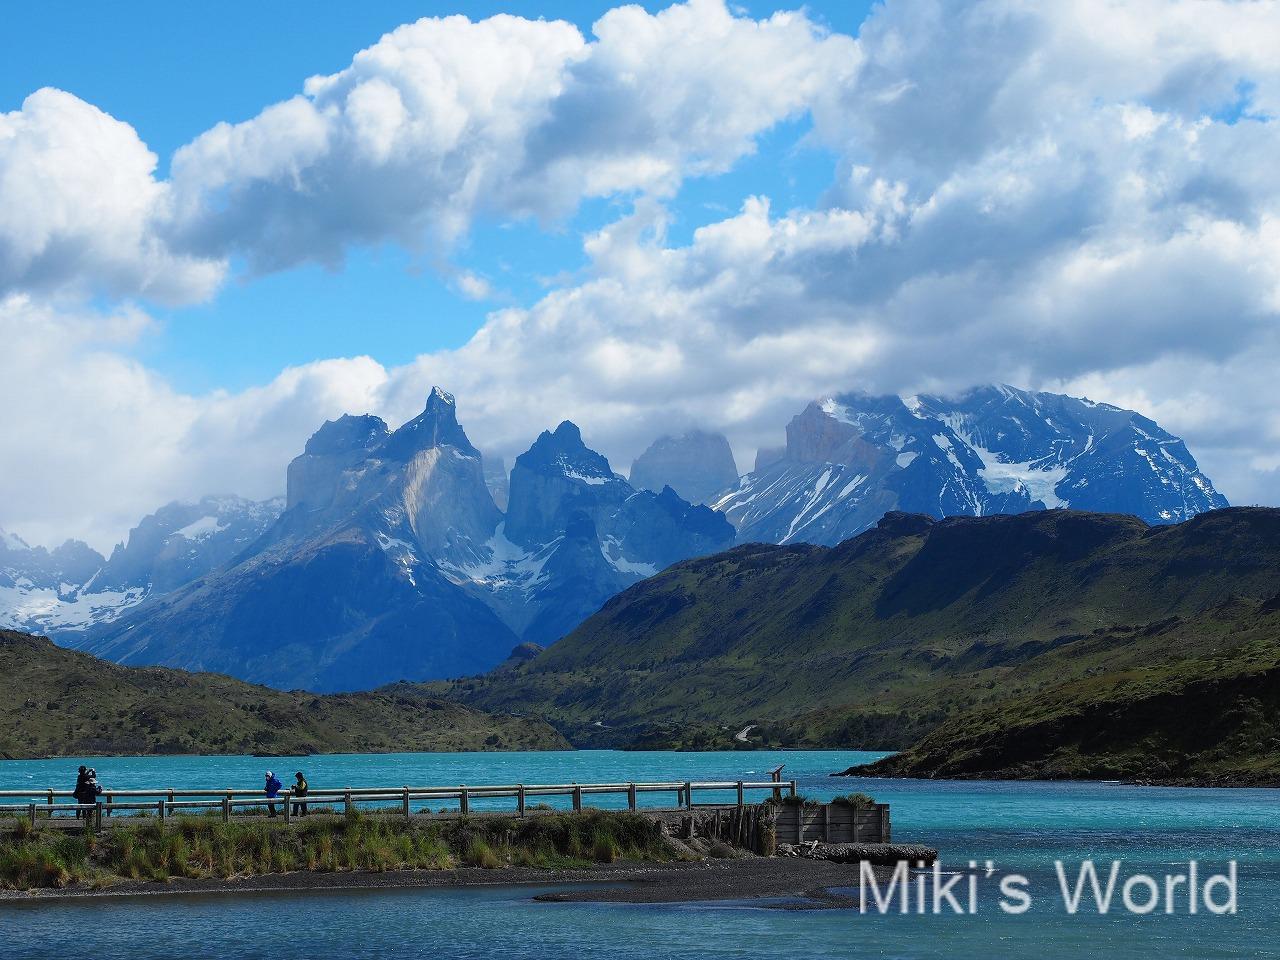 山が美しいパタゴニア 南米チリ、アルゼンチンの南部エリアの総称